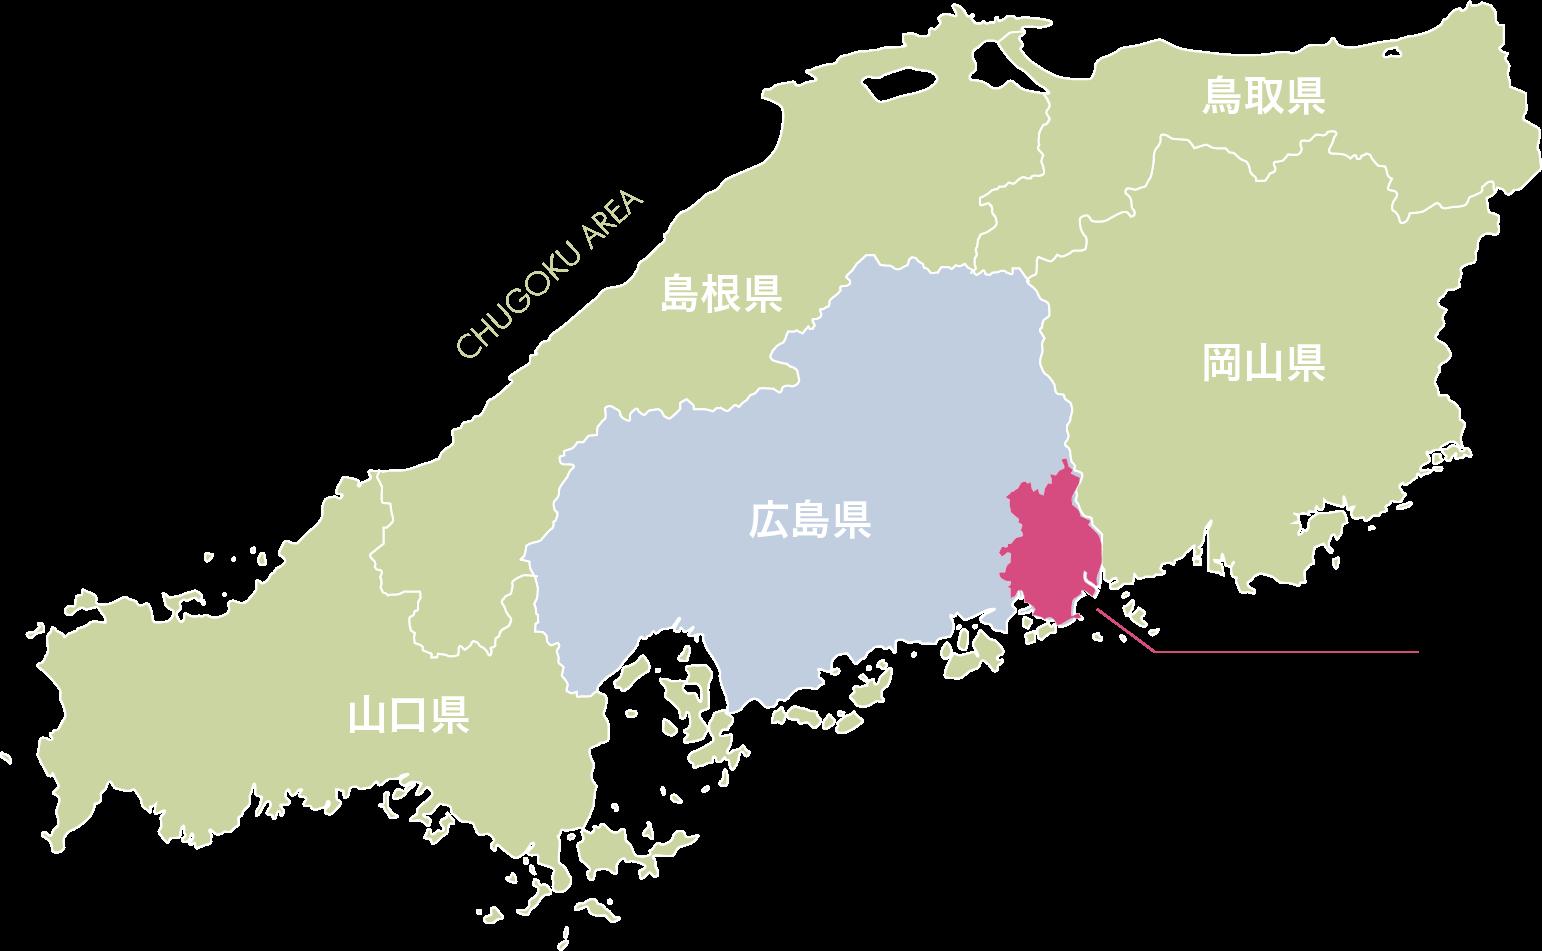 福山市マップ